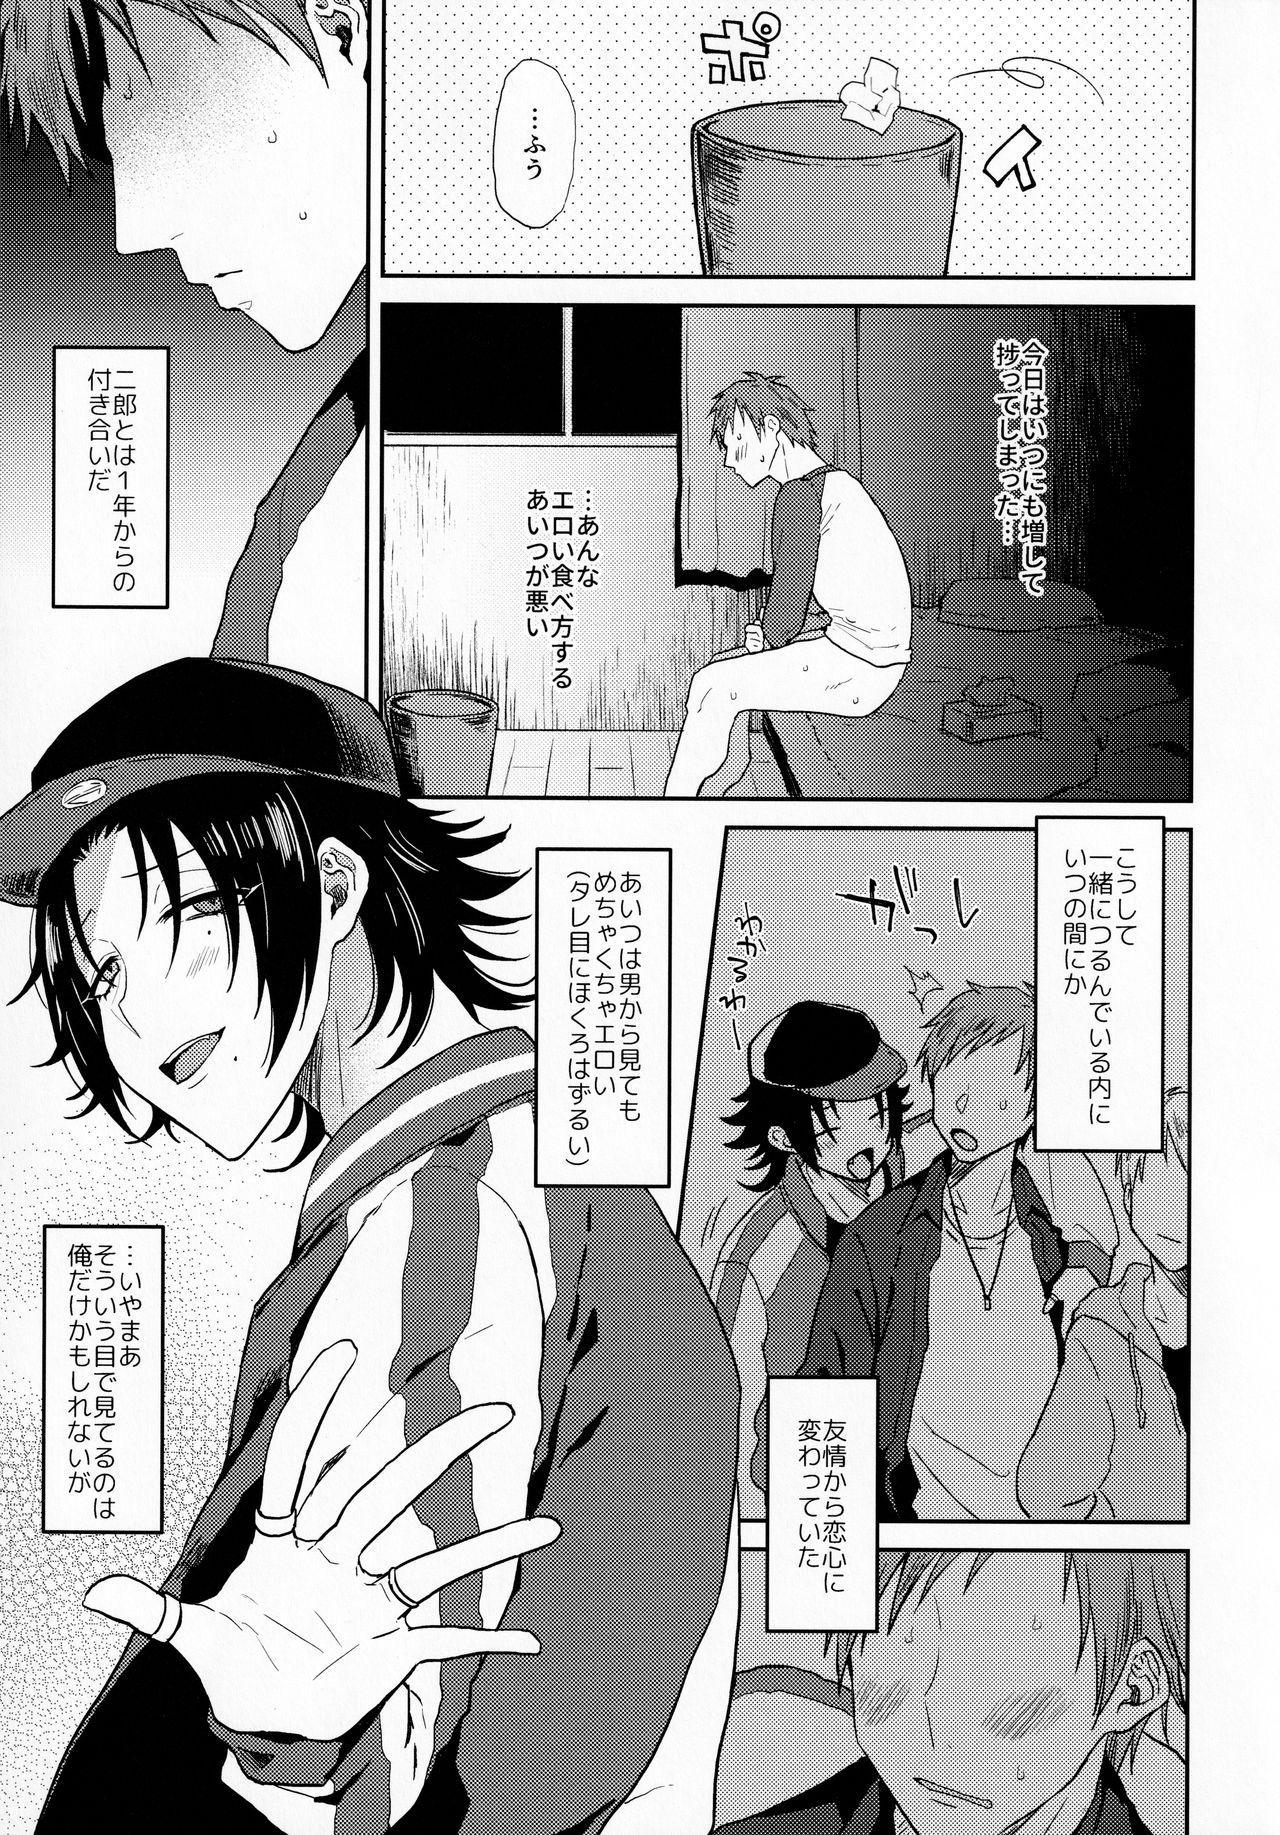 Dachi no Jirou o Kanojo ni Shite Icharabu Sex 3